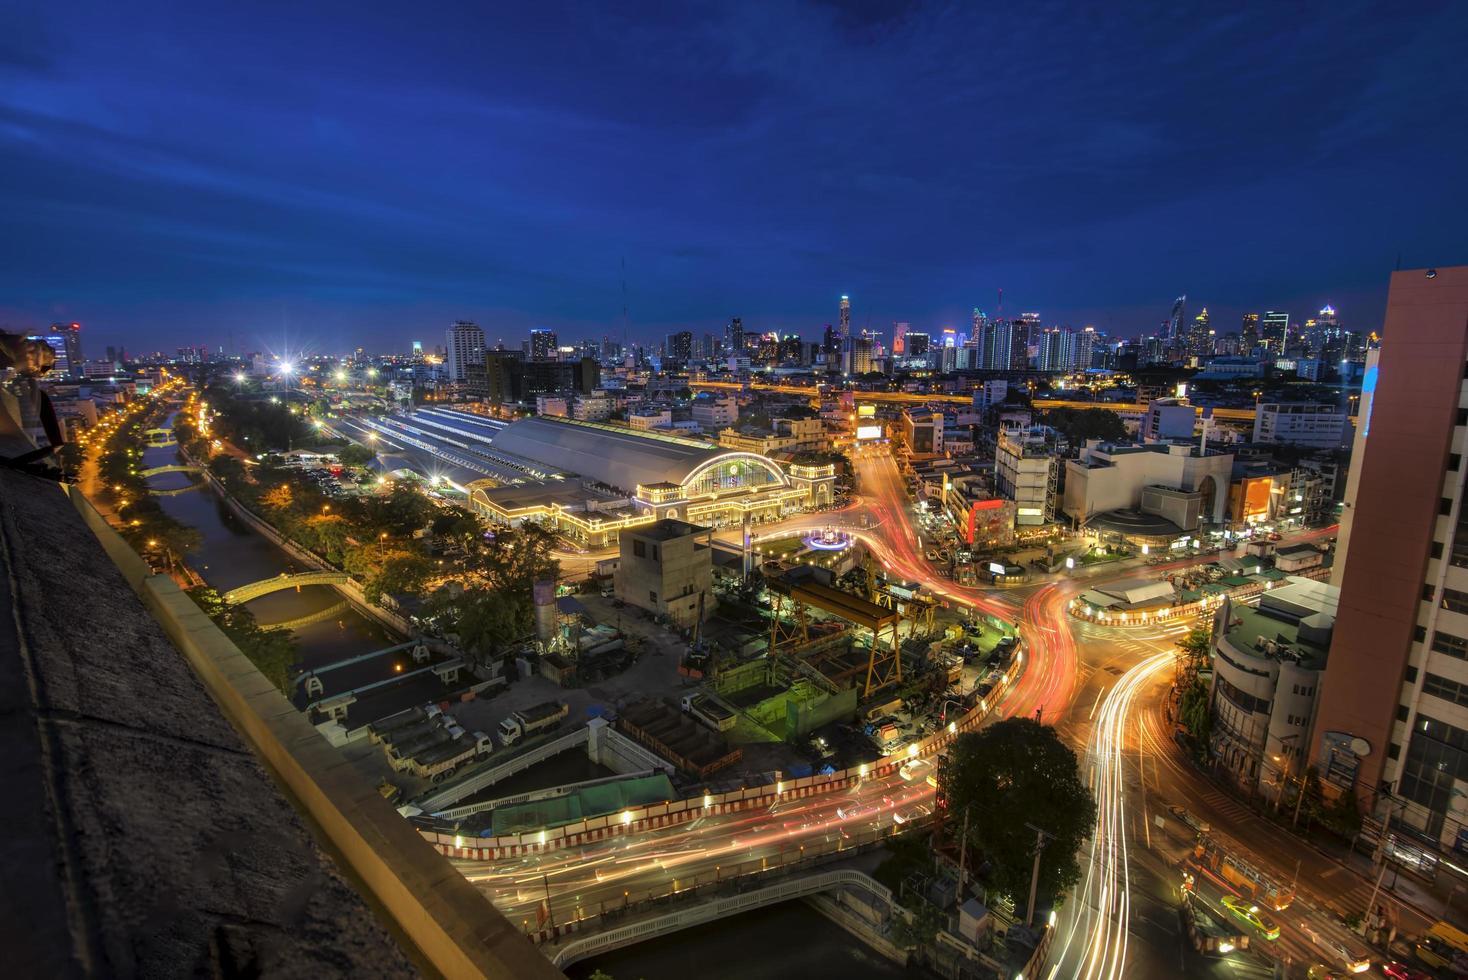 Bangkok Railway Station at night in Thailand photo